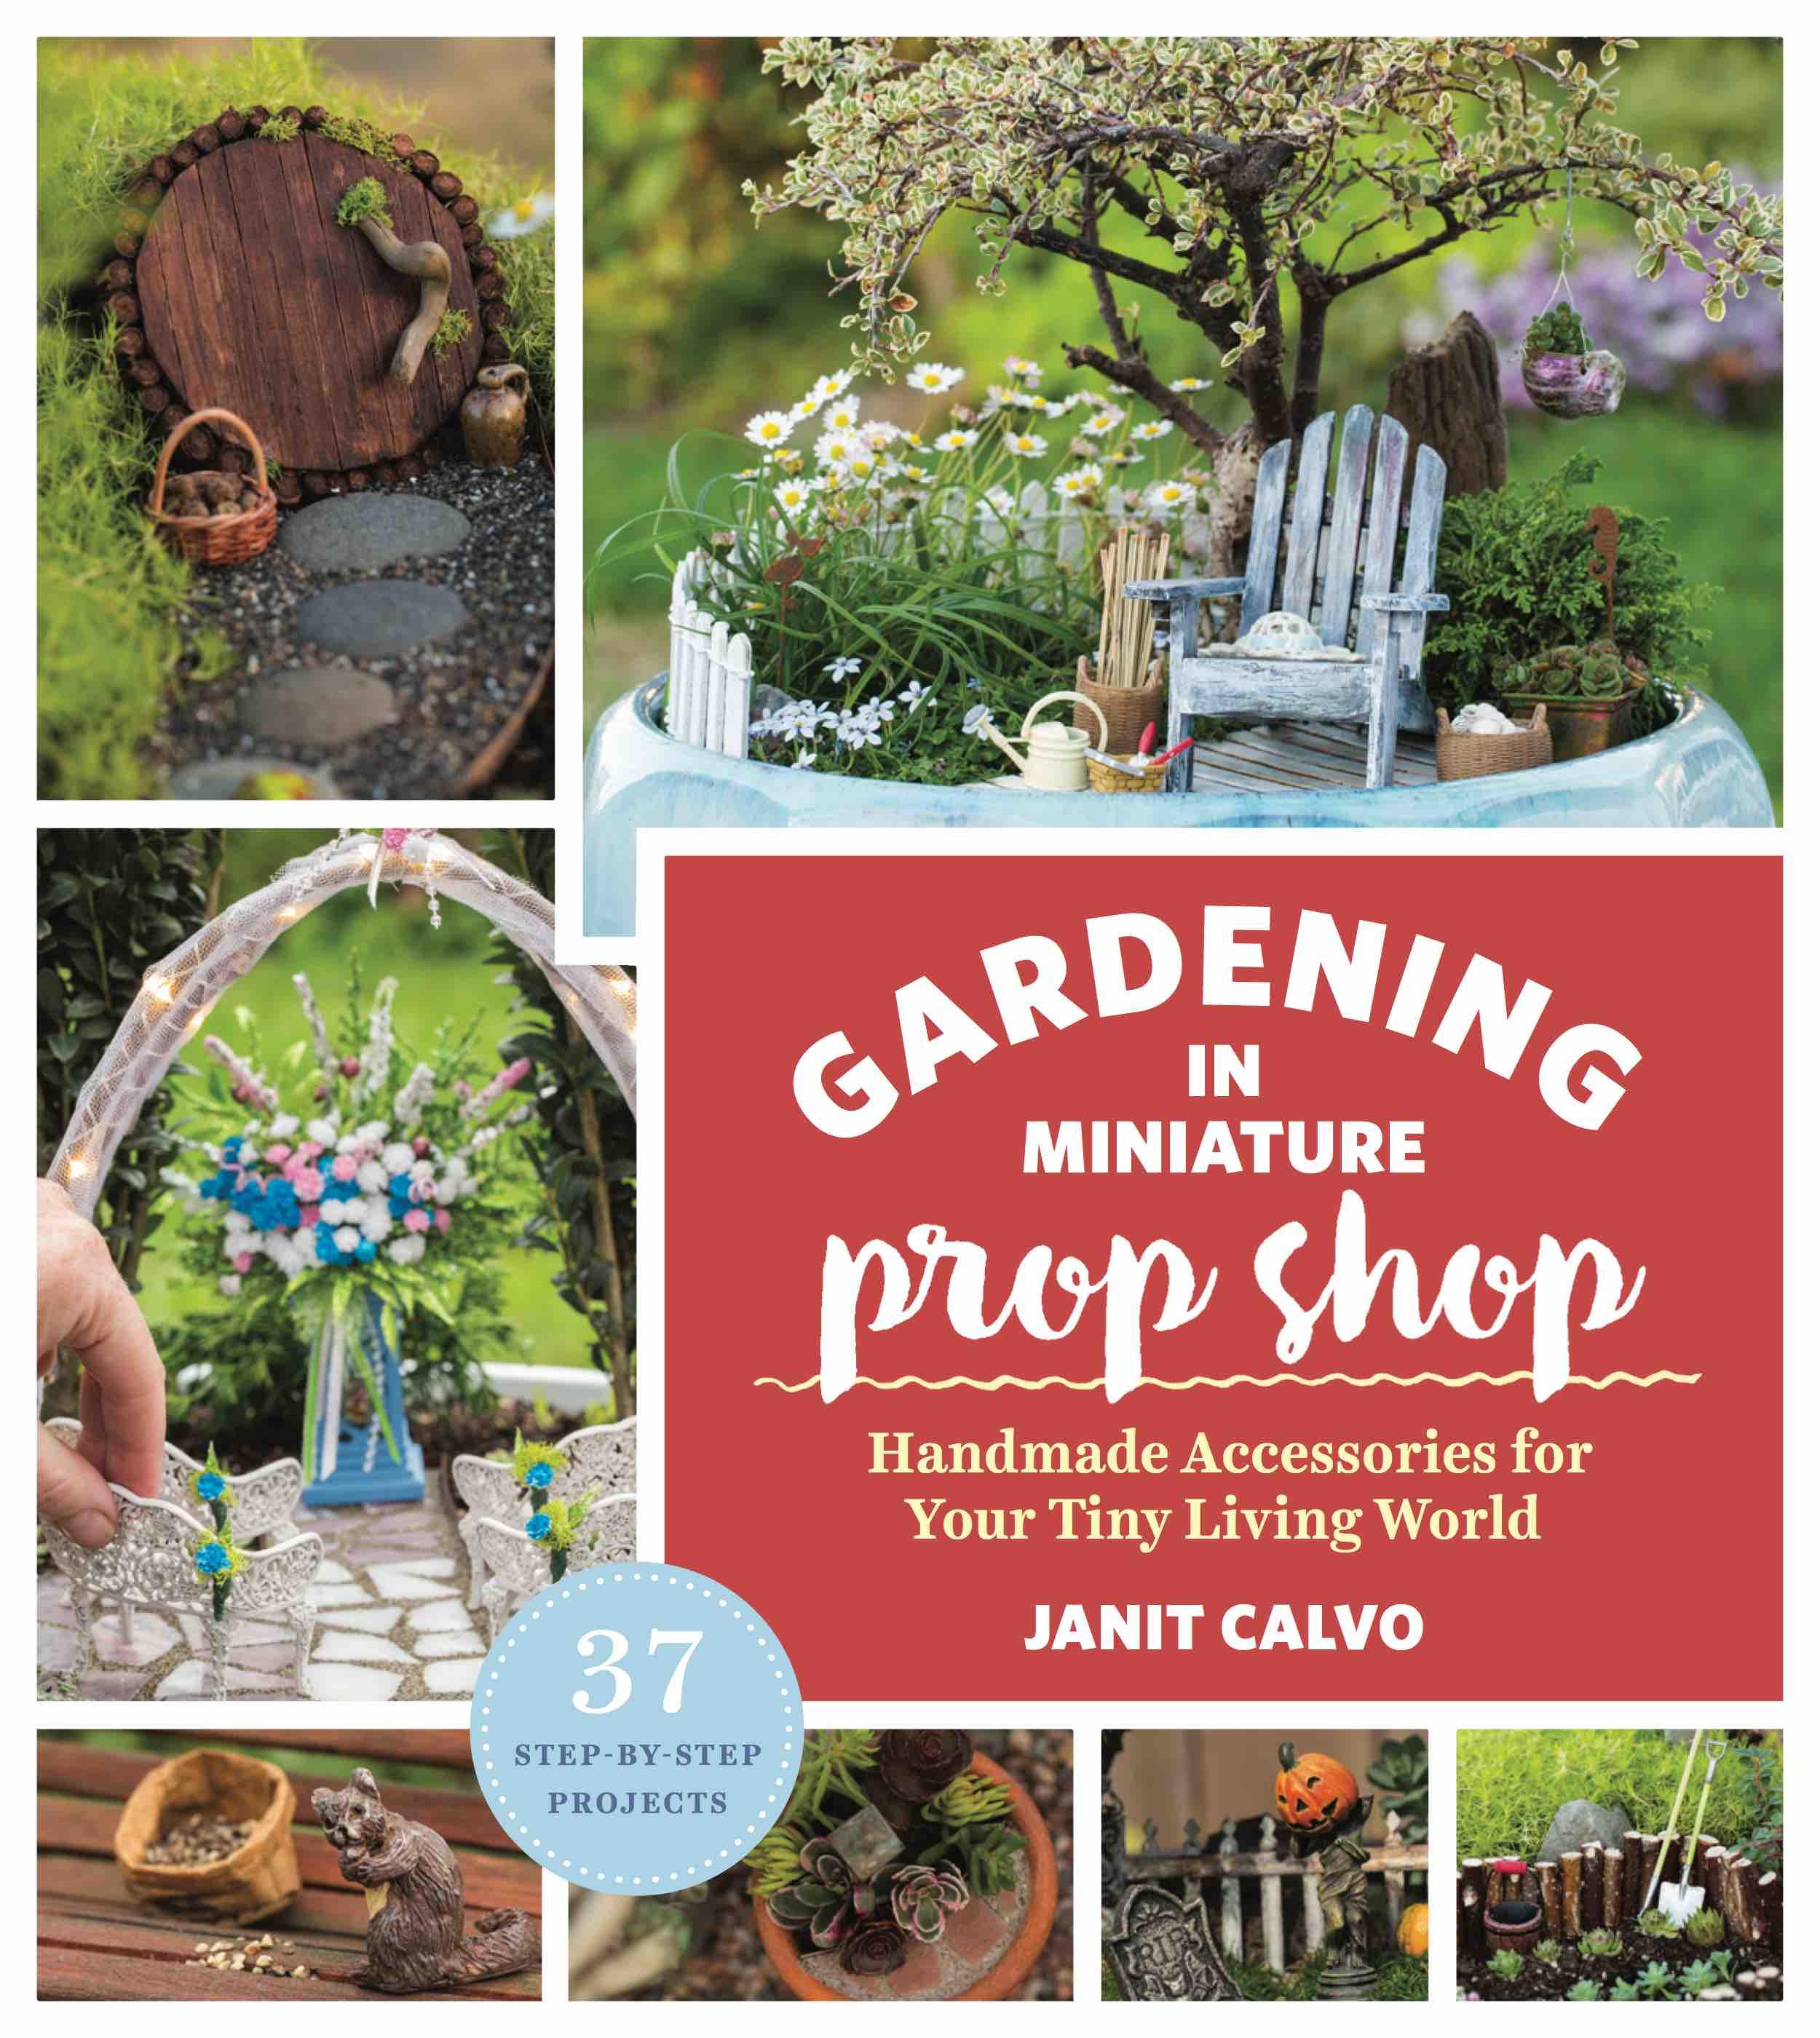 Gardening in Miniature Prop Shop Book